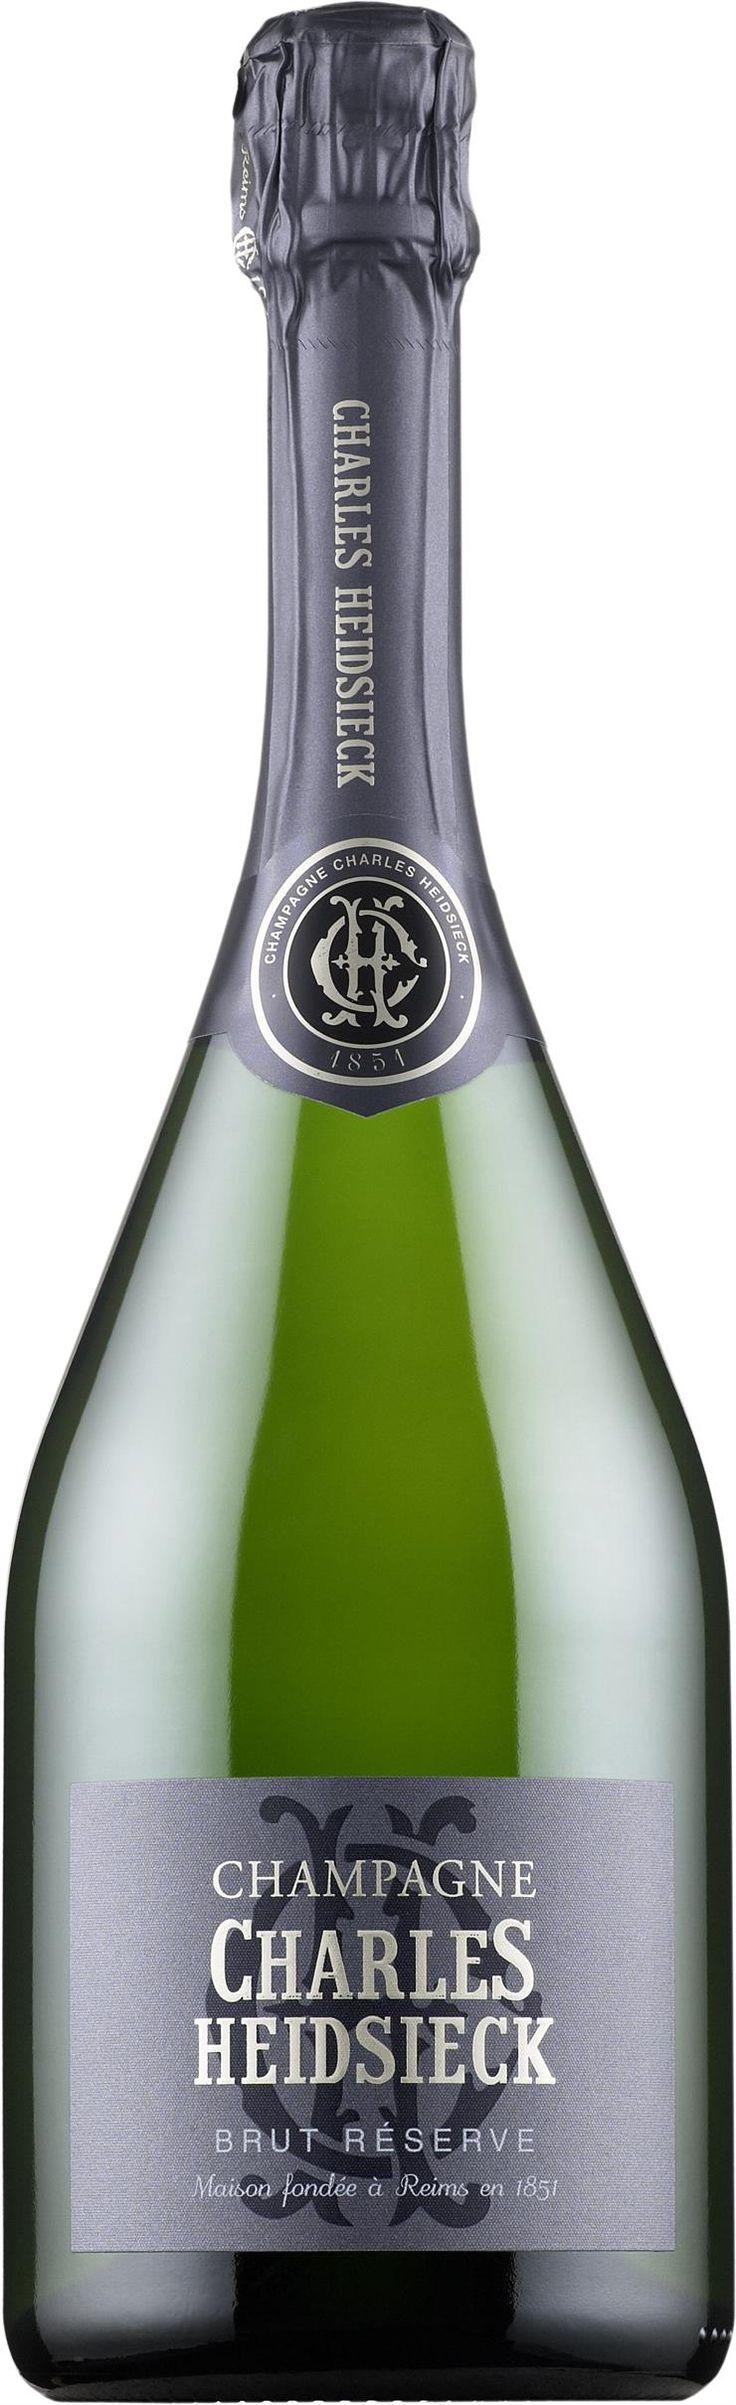 Charles Heidsieck Réserve Champagne Brut. France: Pinot noir, pinot meunier, Chardonnay. 51,90 €. Erittäin kuiva, erittäin hapokas, kypsän sitruksinen, keltaluumuinen, mineraalinen, briossinen, tasapainoinen